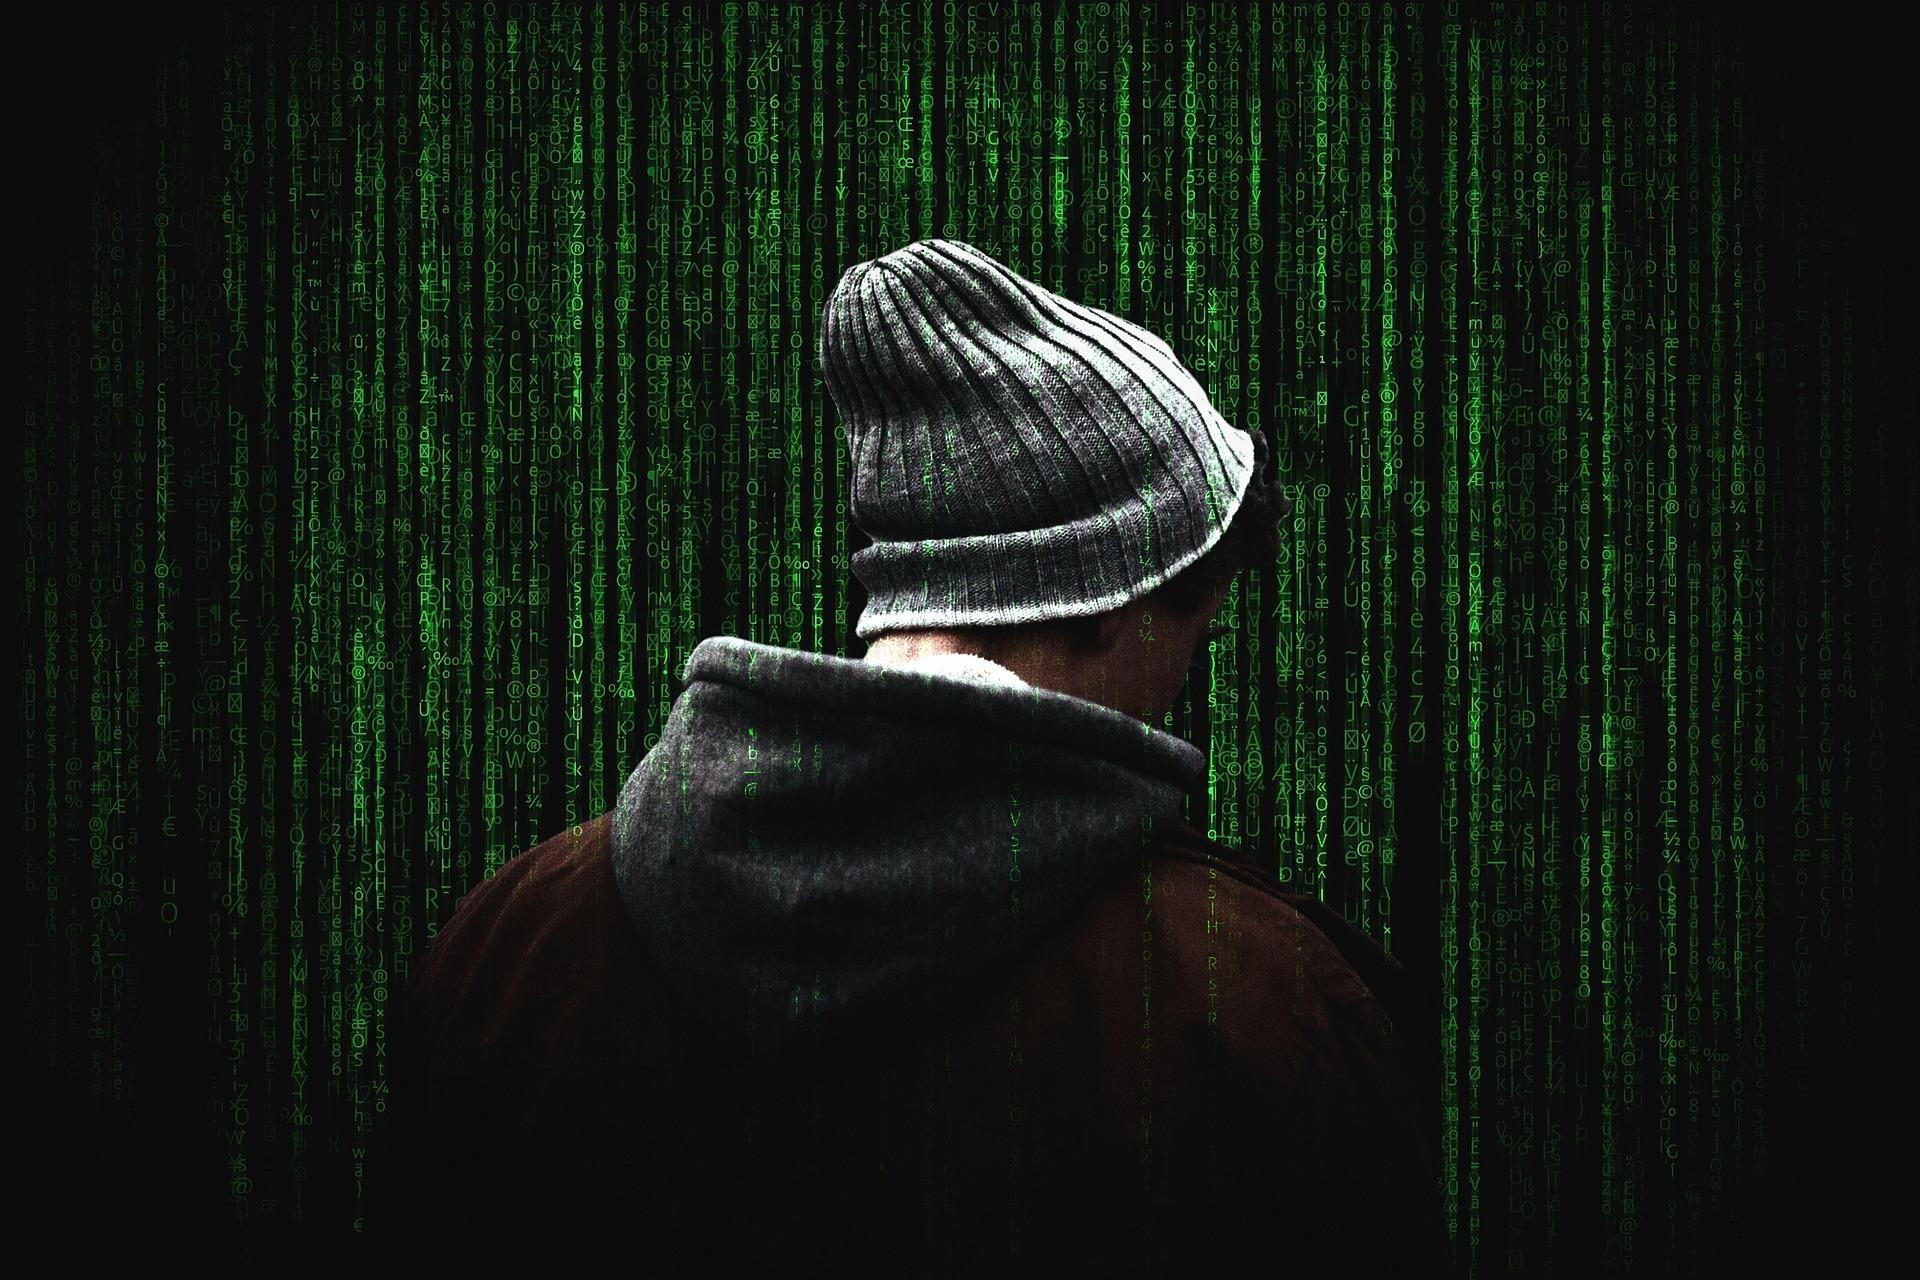 Monitoraggio e trattamento dati personali